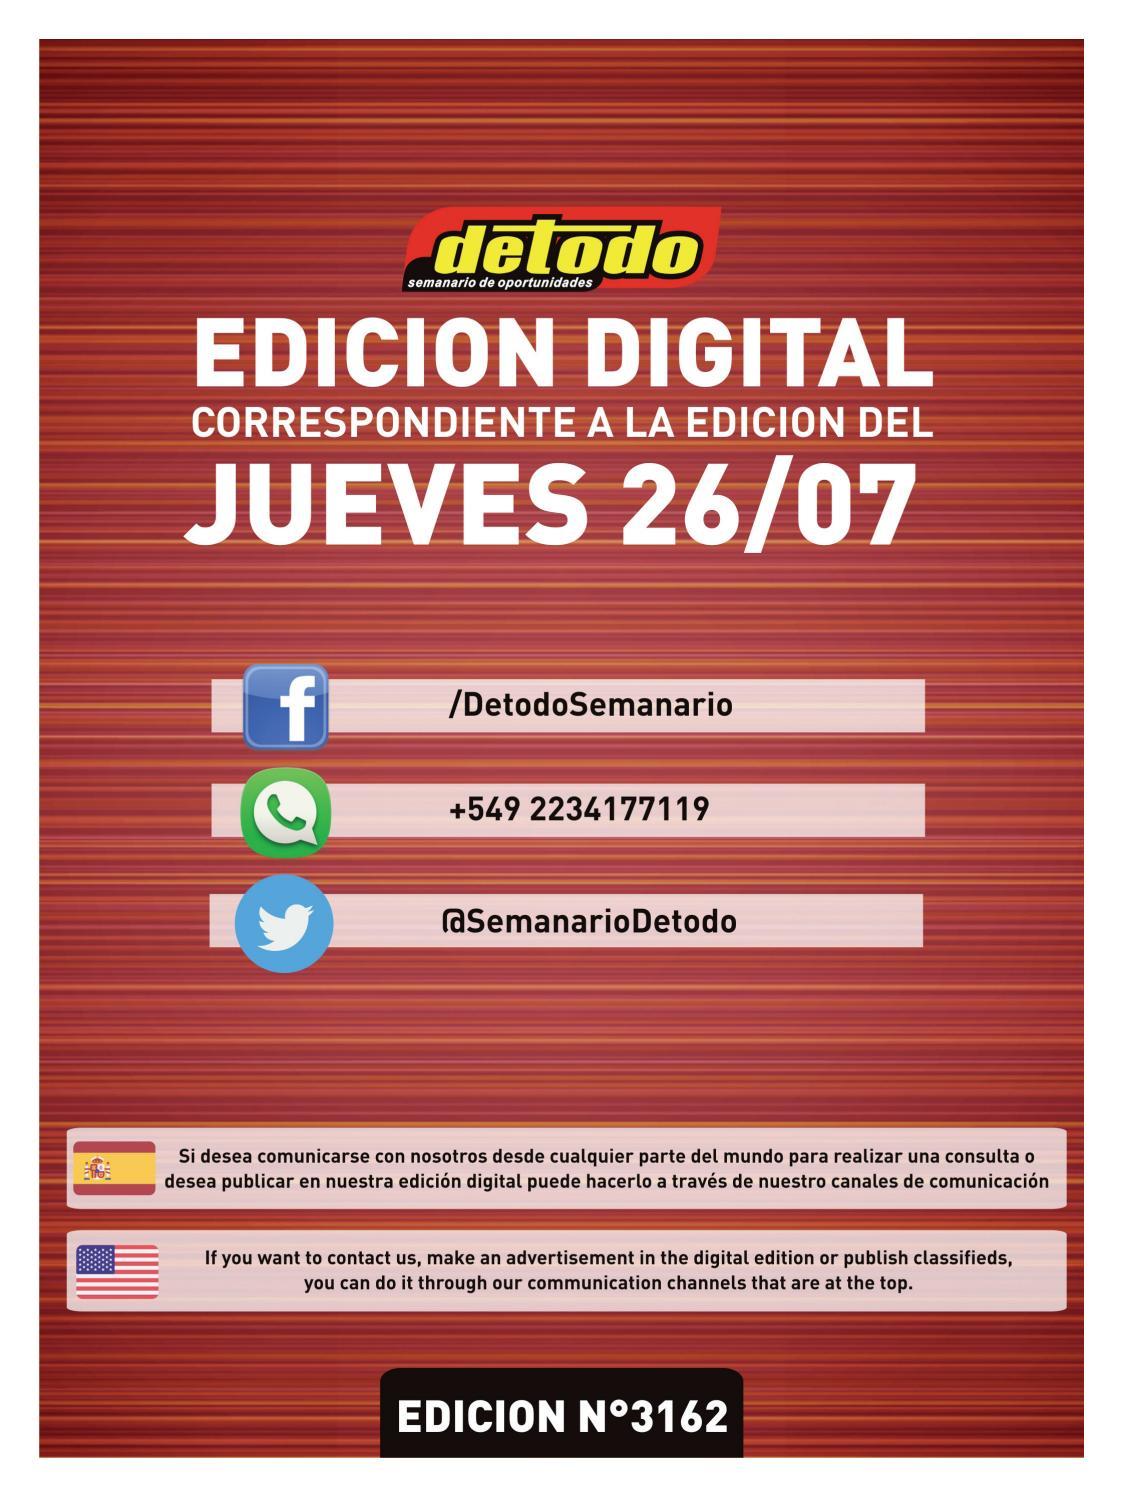 Semanario Detodo - Edición N° 3162 - 26 07 2018 by Semanario Detodo - issuu bb6bf44b6a4